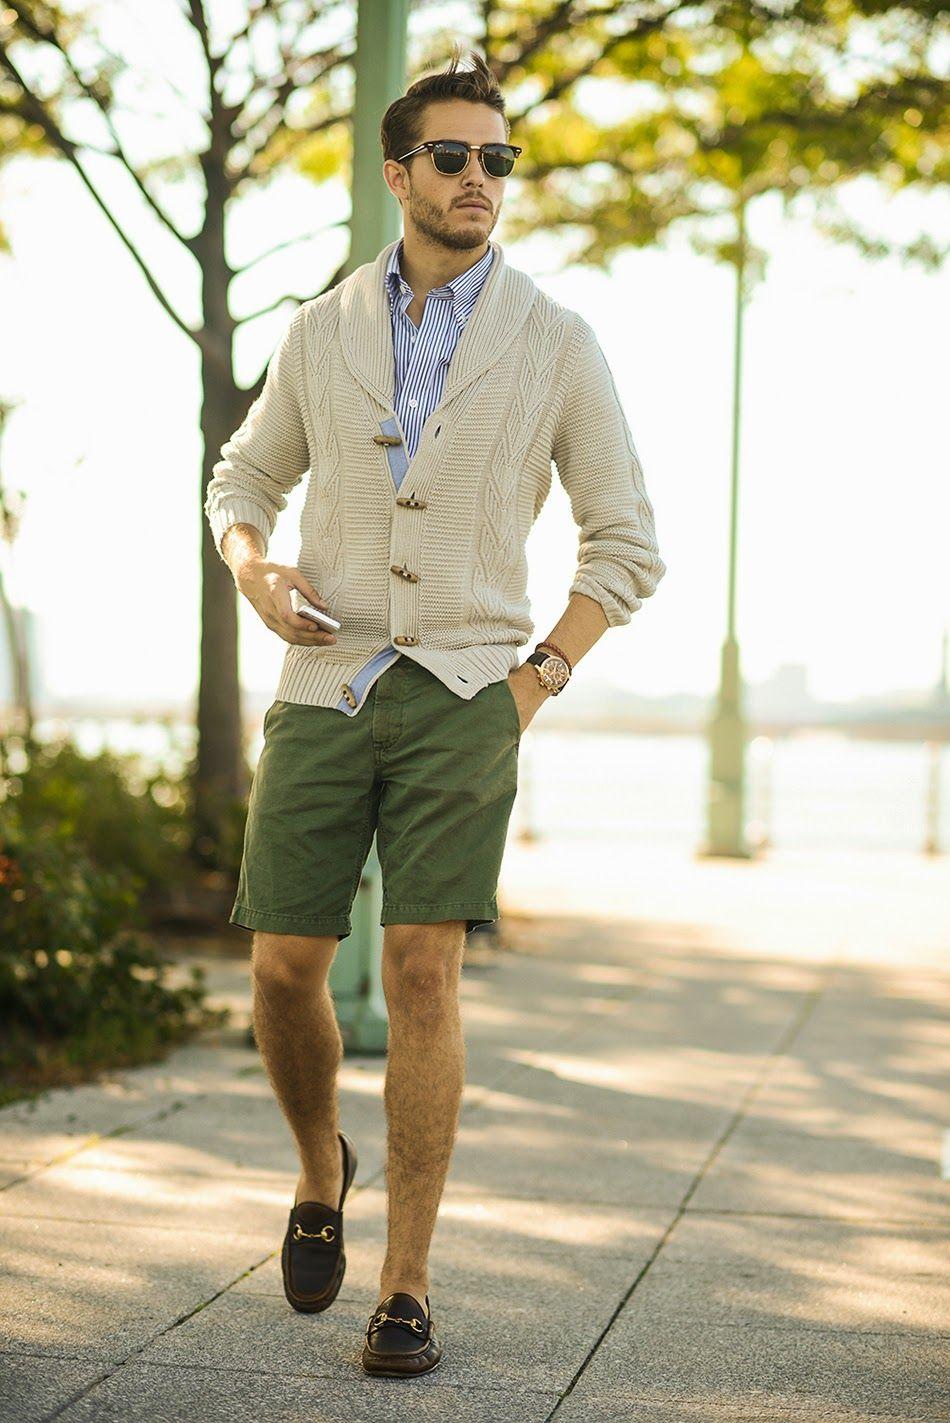 Pin On Gay Men Fashion